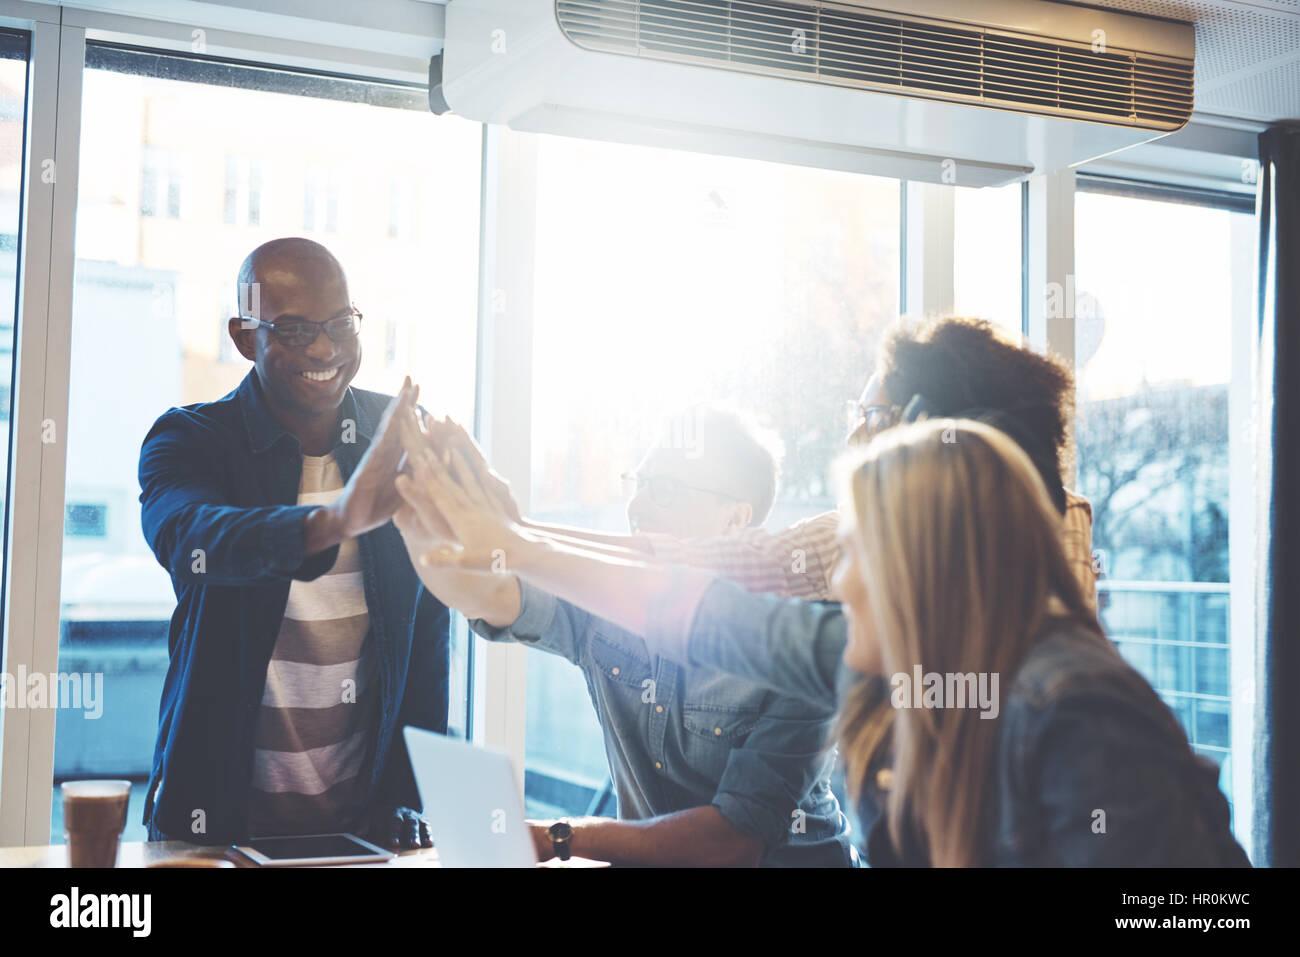 Junge Menschen in Freizeitkleidung gibt hohe Fives miteinander, als ob etwas gegen hellen Fenster im Café oder Stockbild